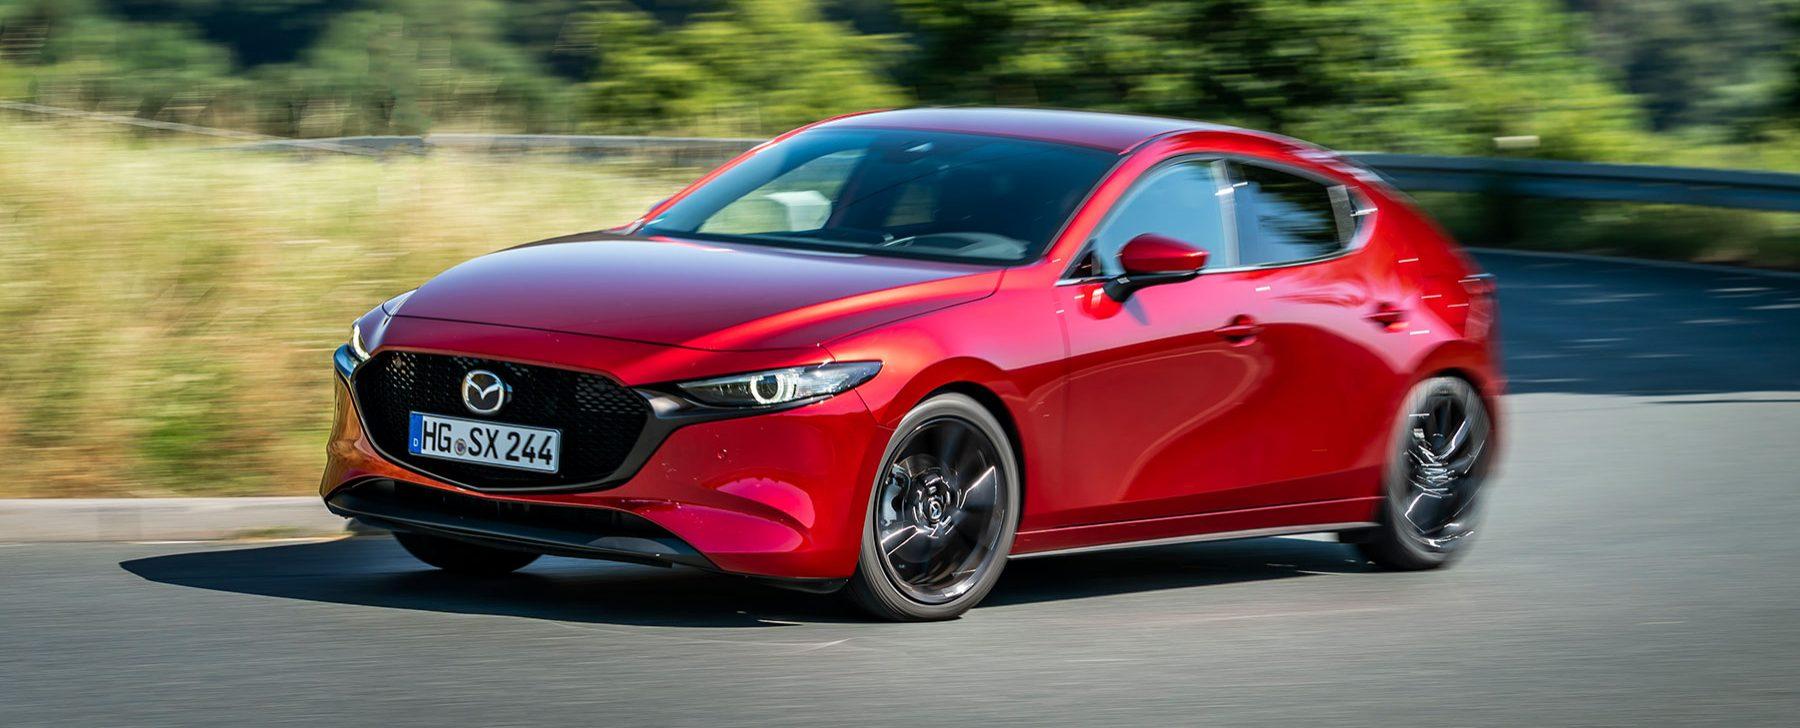 Mazda lanzará un nuevo motor diésel más limpio y eficiente en 2020